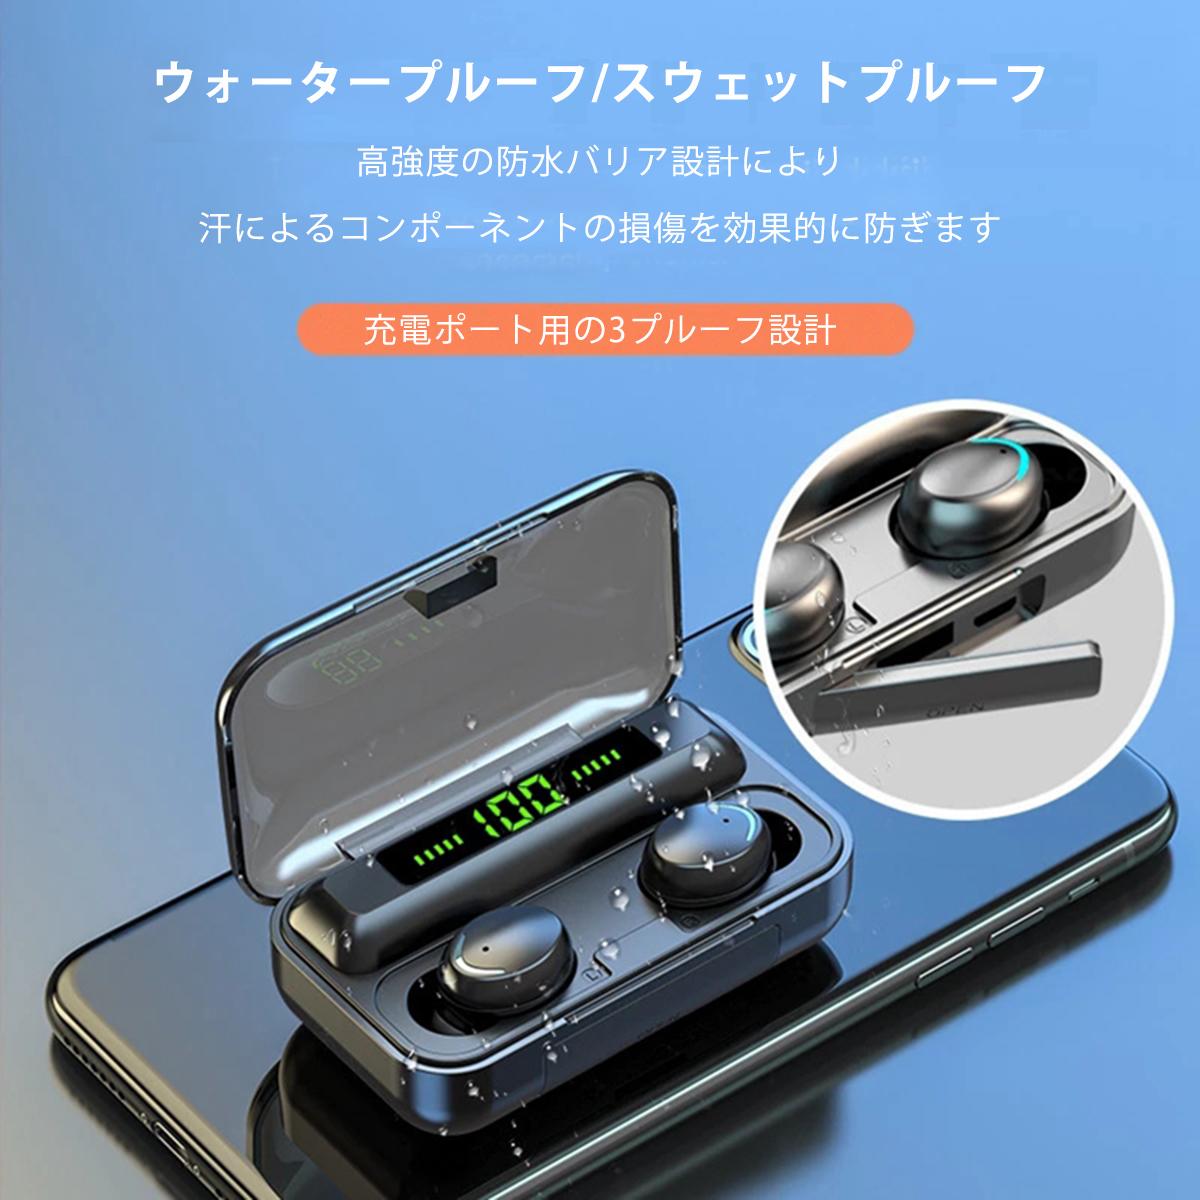 ワイヤレス イヤホン 黒 防水 HiFiステレオ ハンズフリー ヘッドセット モバイルバッテリー イヤフォン LEDディスプレイ